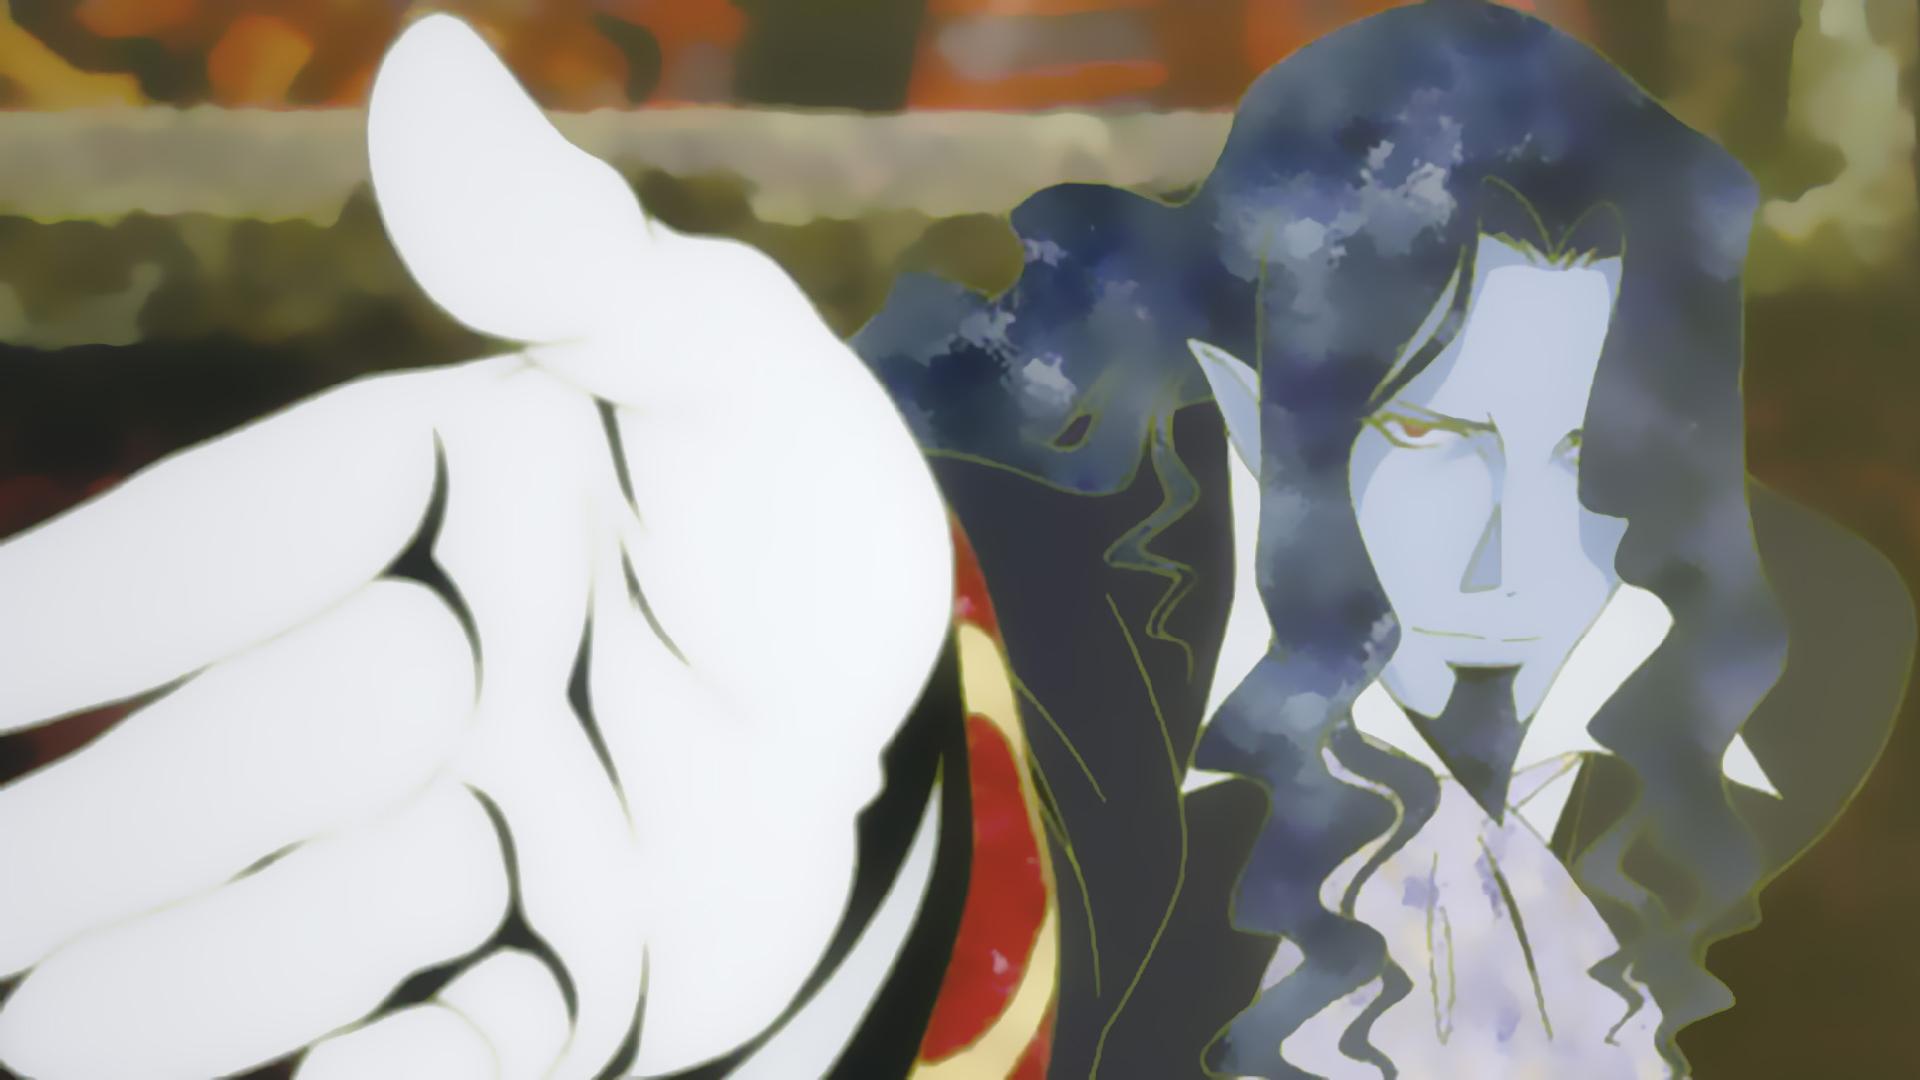 Gankutsuo: The Count of Monte Cristo - Season 1